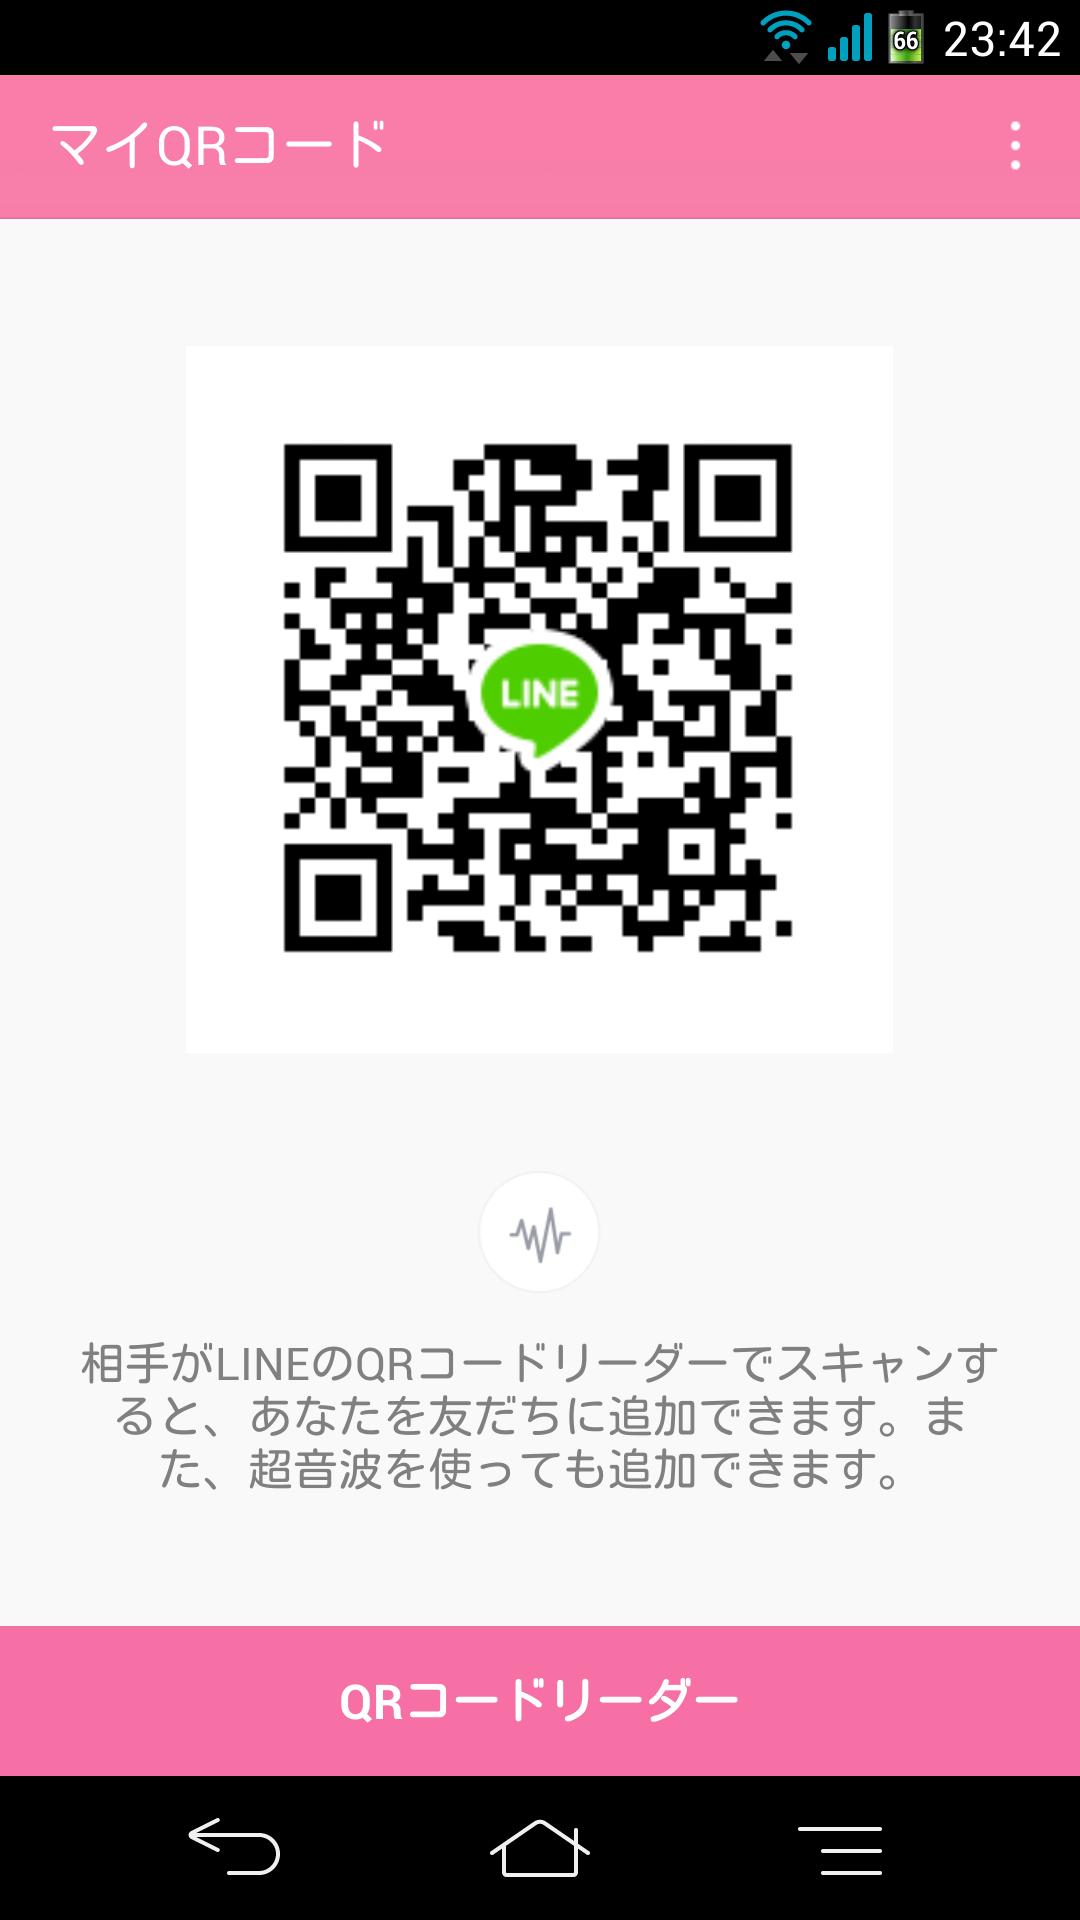 ゆうかさんのLINE QRコード